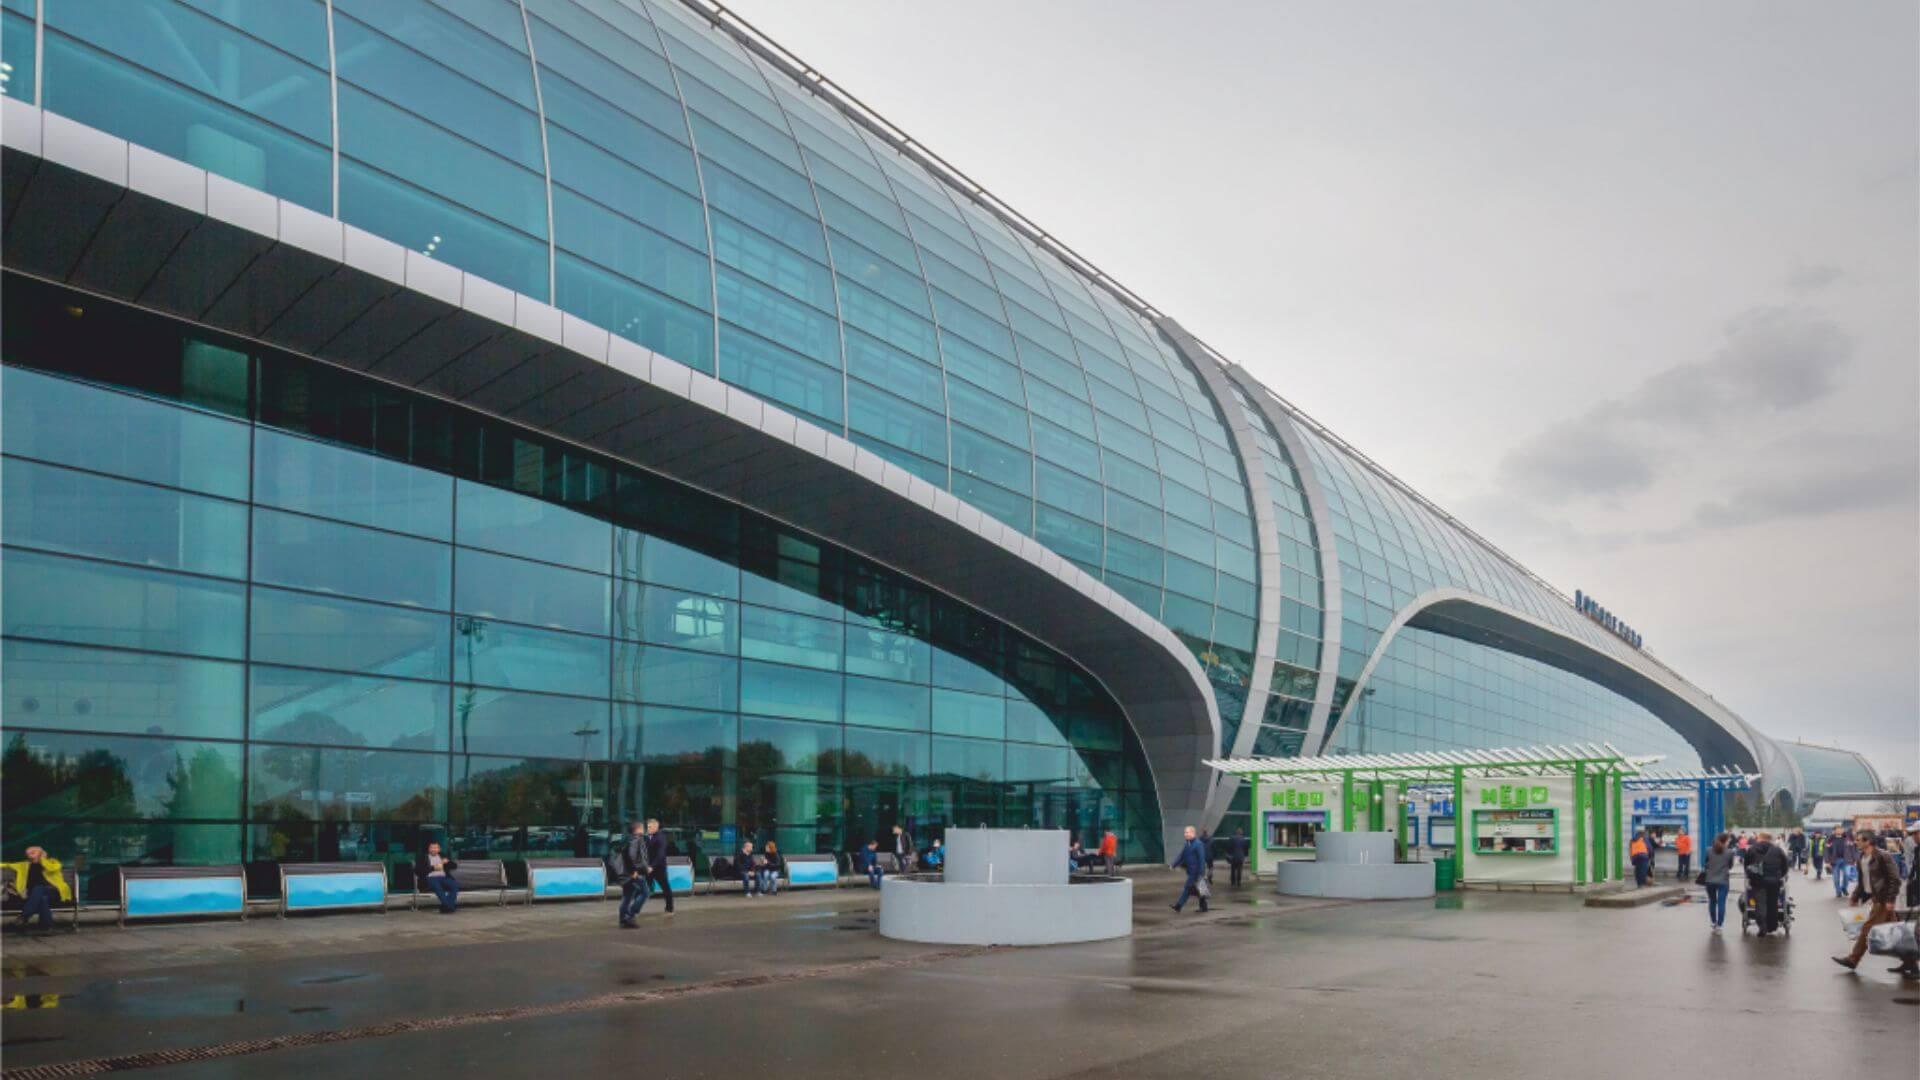 αεροδρόμιο Domodedovo στη Μόσχα